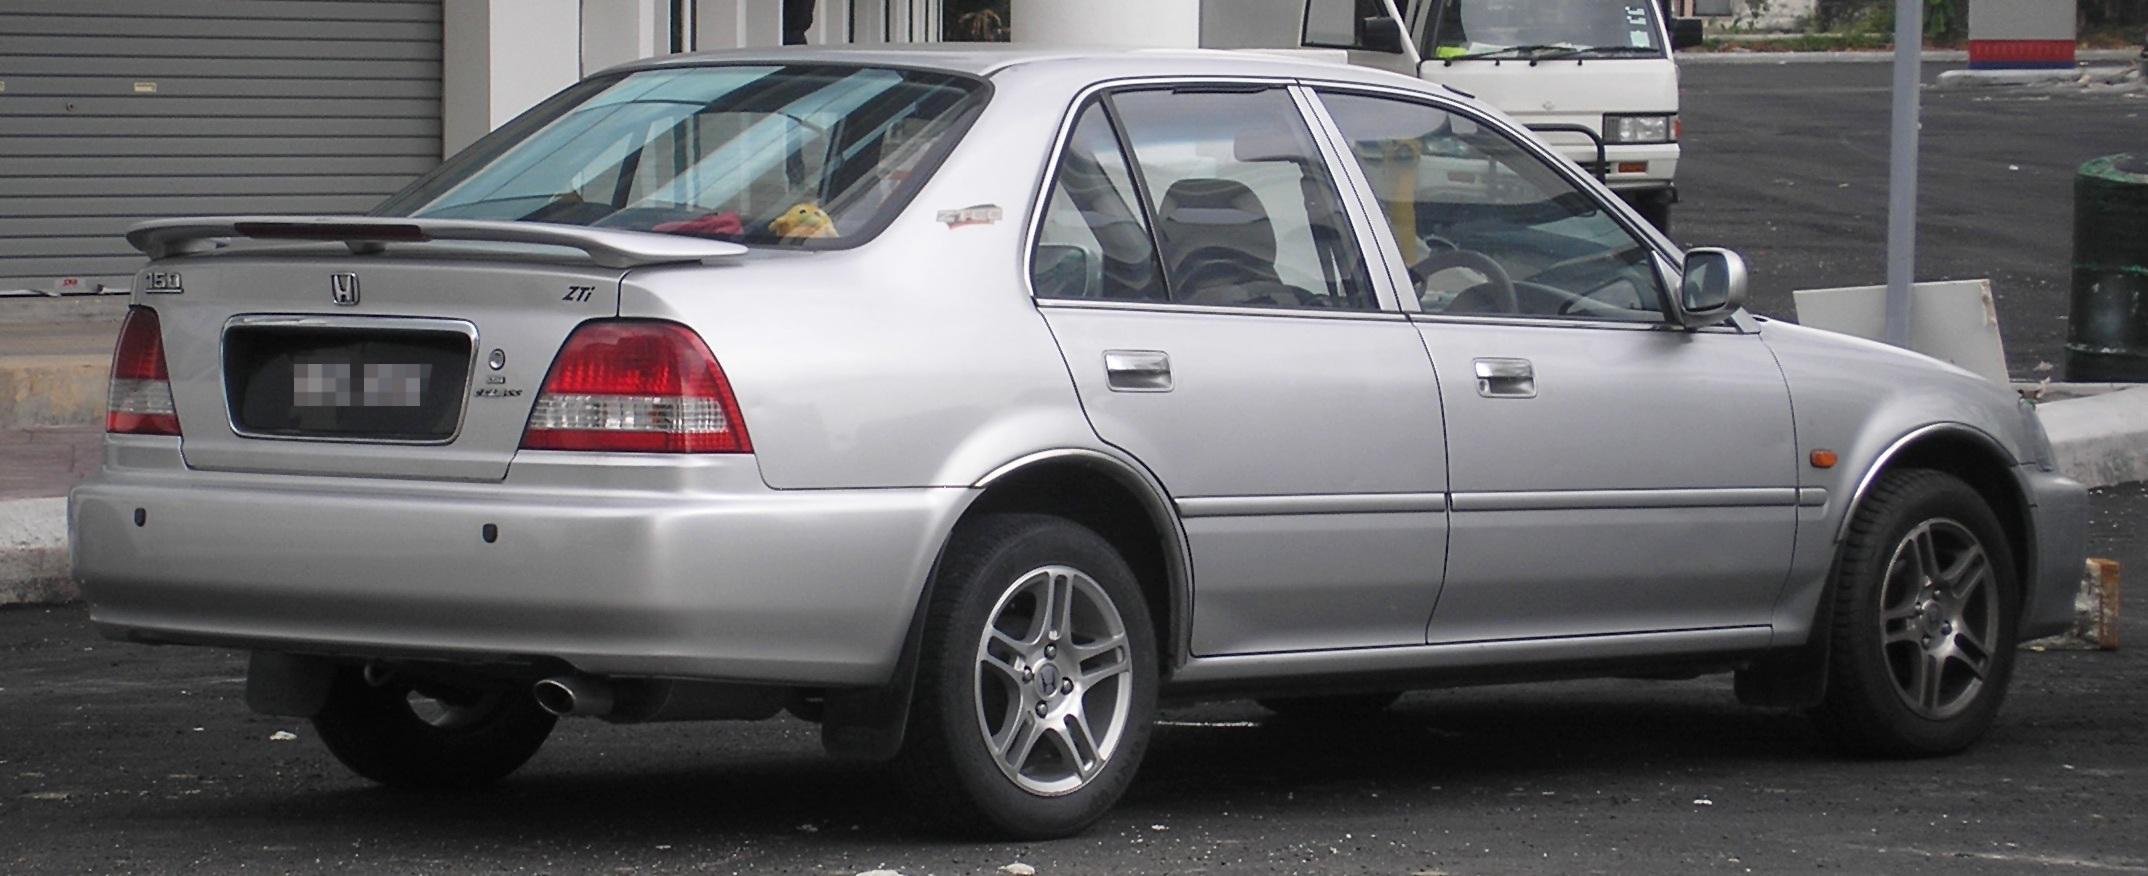 Kekurangan Honda City 2000 Perbandingan Harga